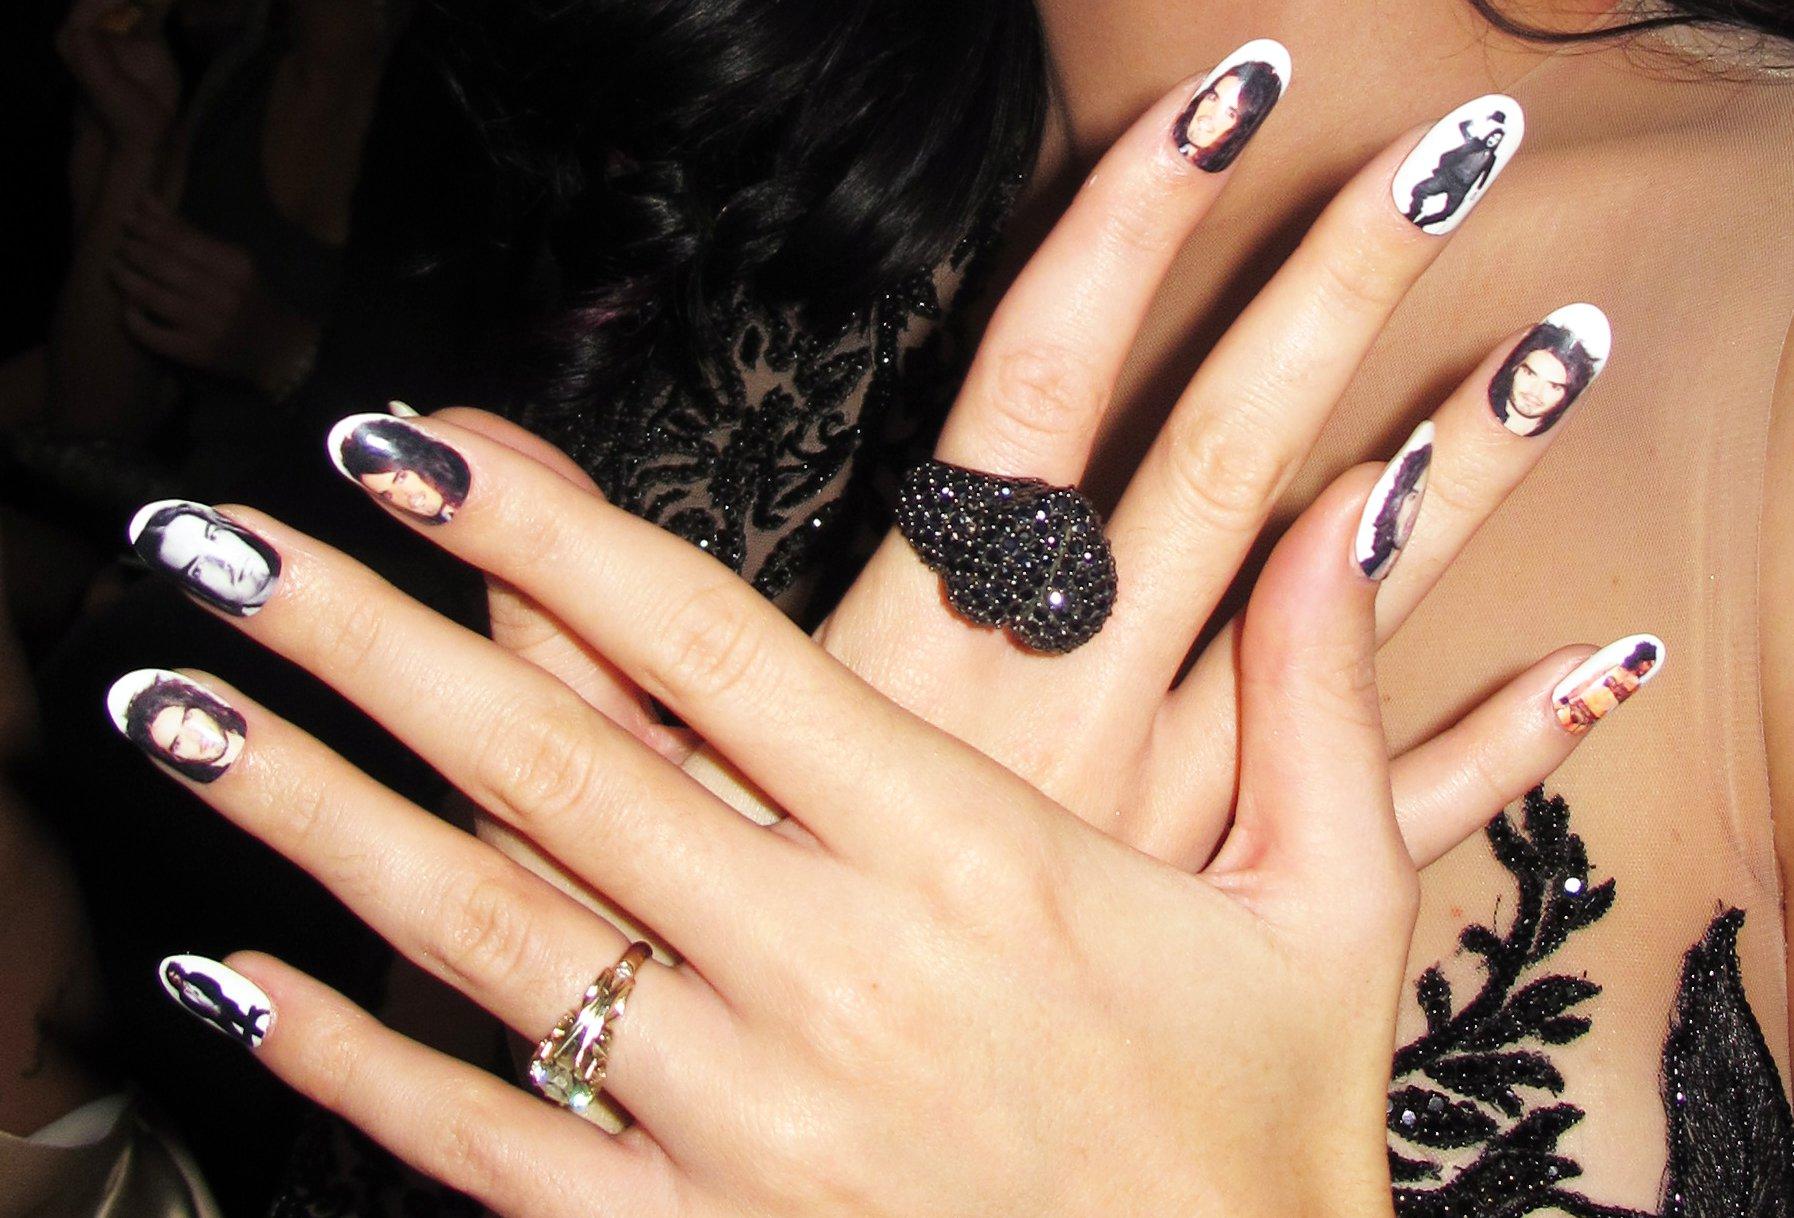 Самые красивые в мире ногти фото